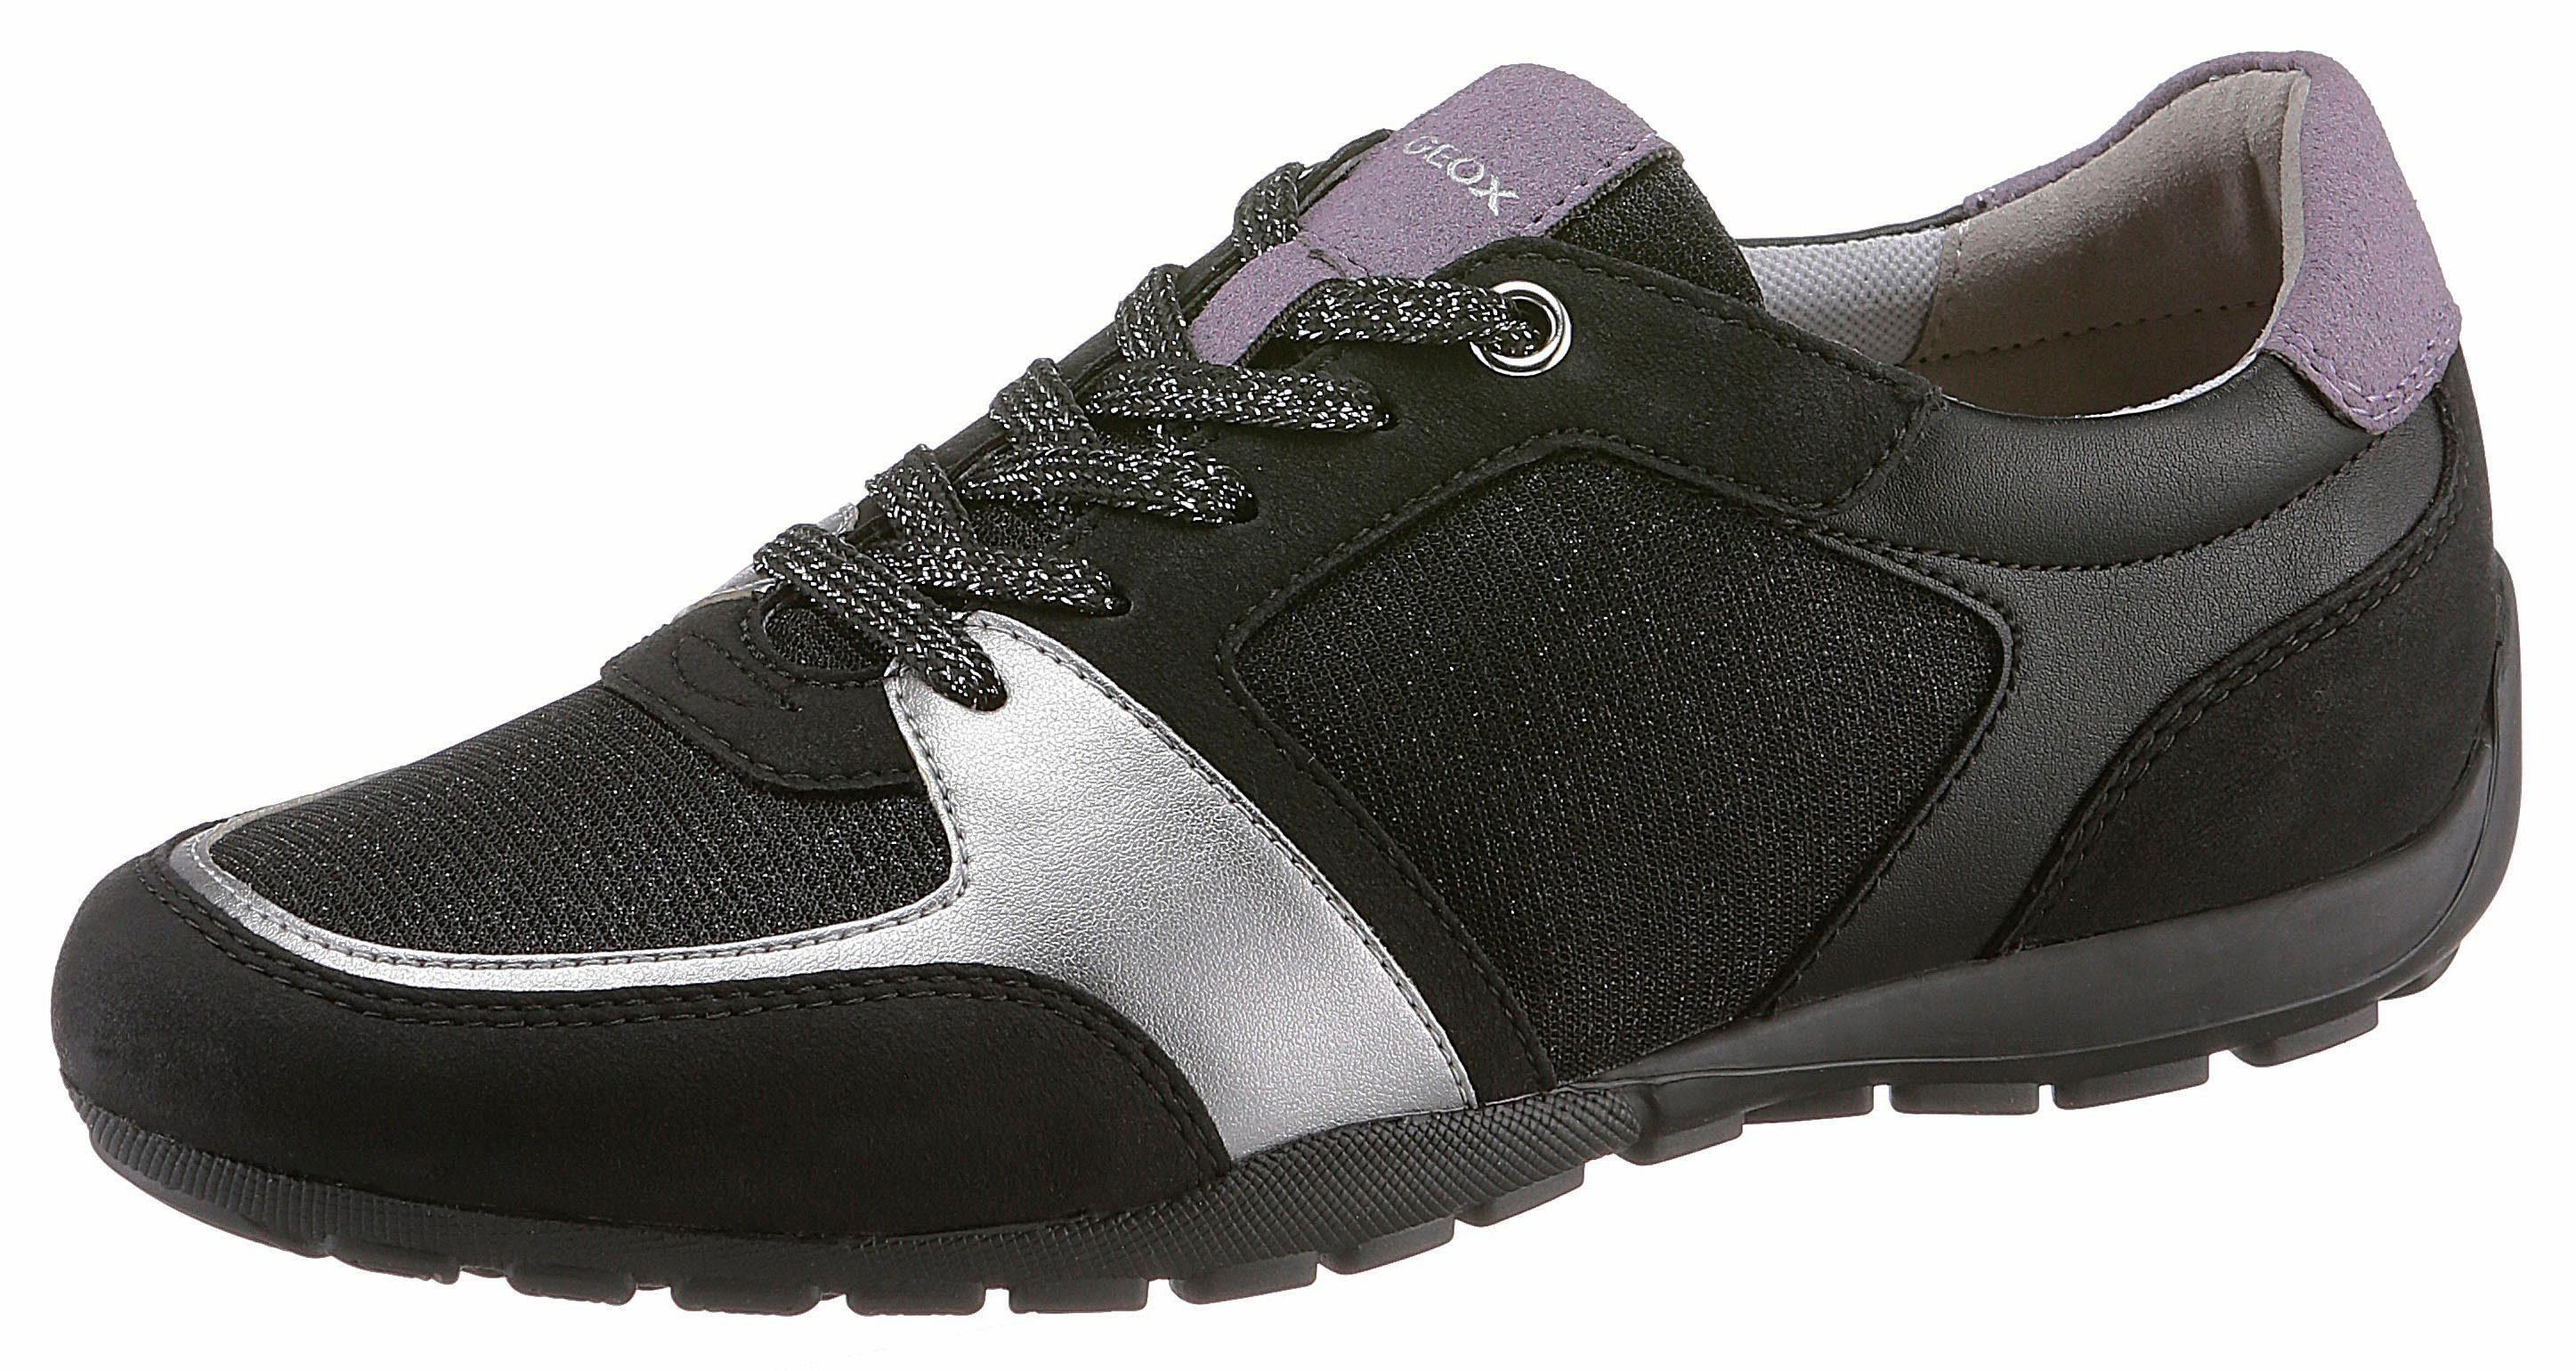 Geox Femmes D Giyo Chaussures De Sport - Noir - 39 Eu ZQp9bR2f